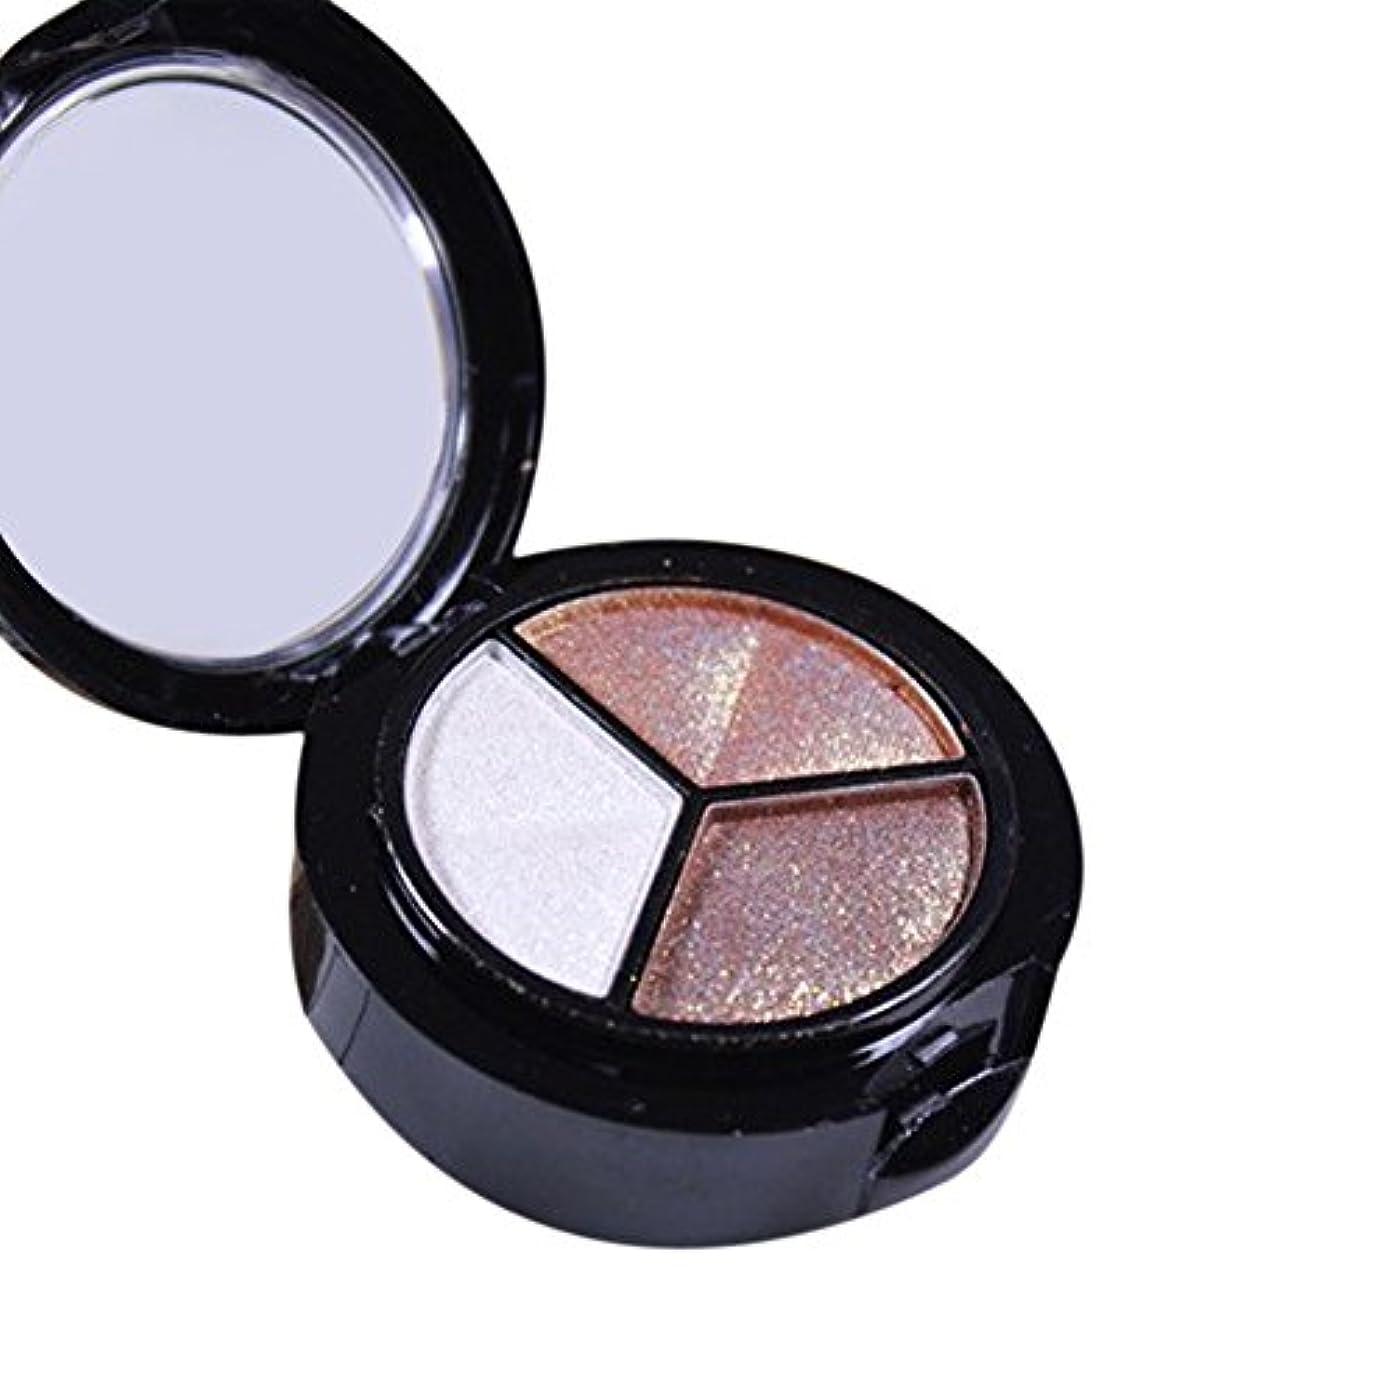 へこみ重力トラフアイシャドー YOKINO 多機能 明るい目効果 人気 化粧品 3色/セット スモーキー化粧 (B)